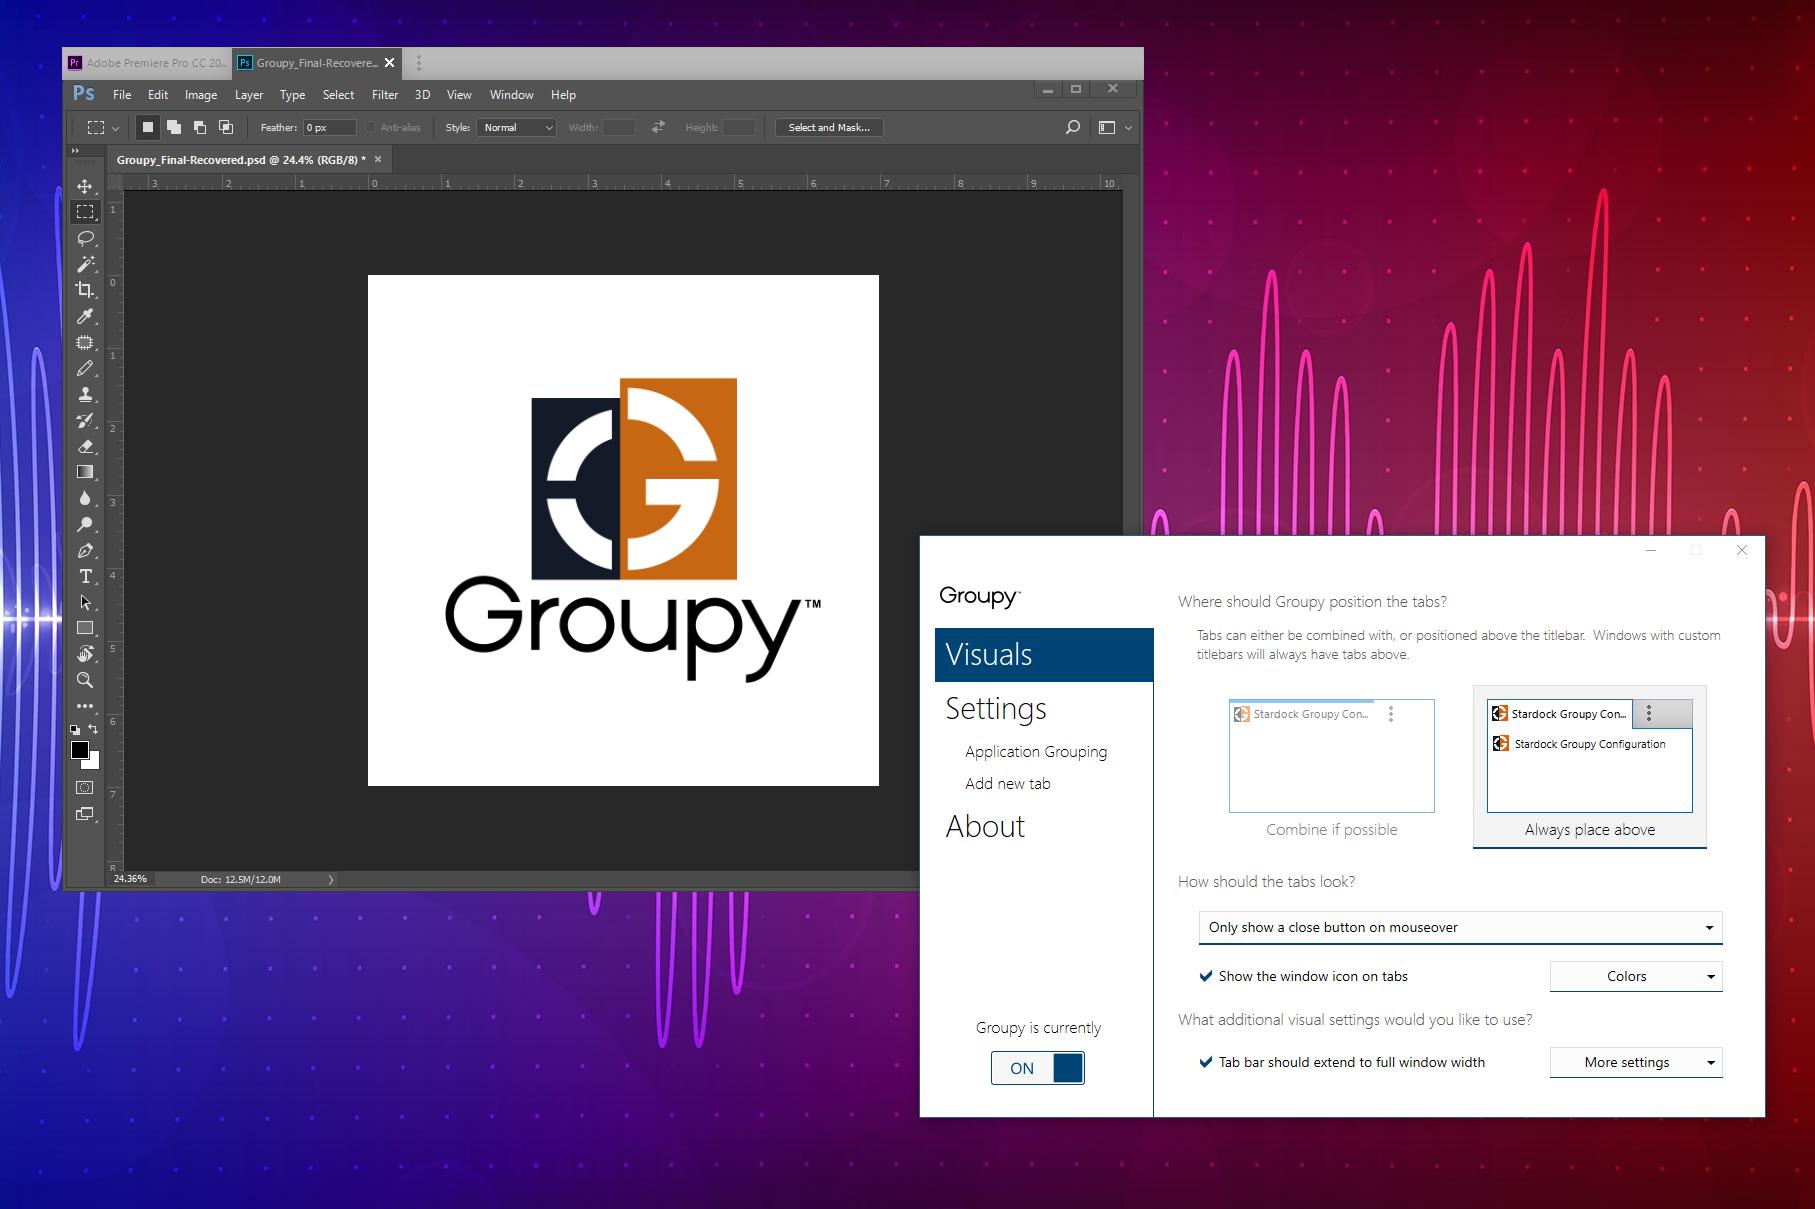 groupy product key free